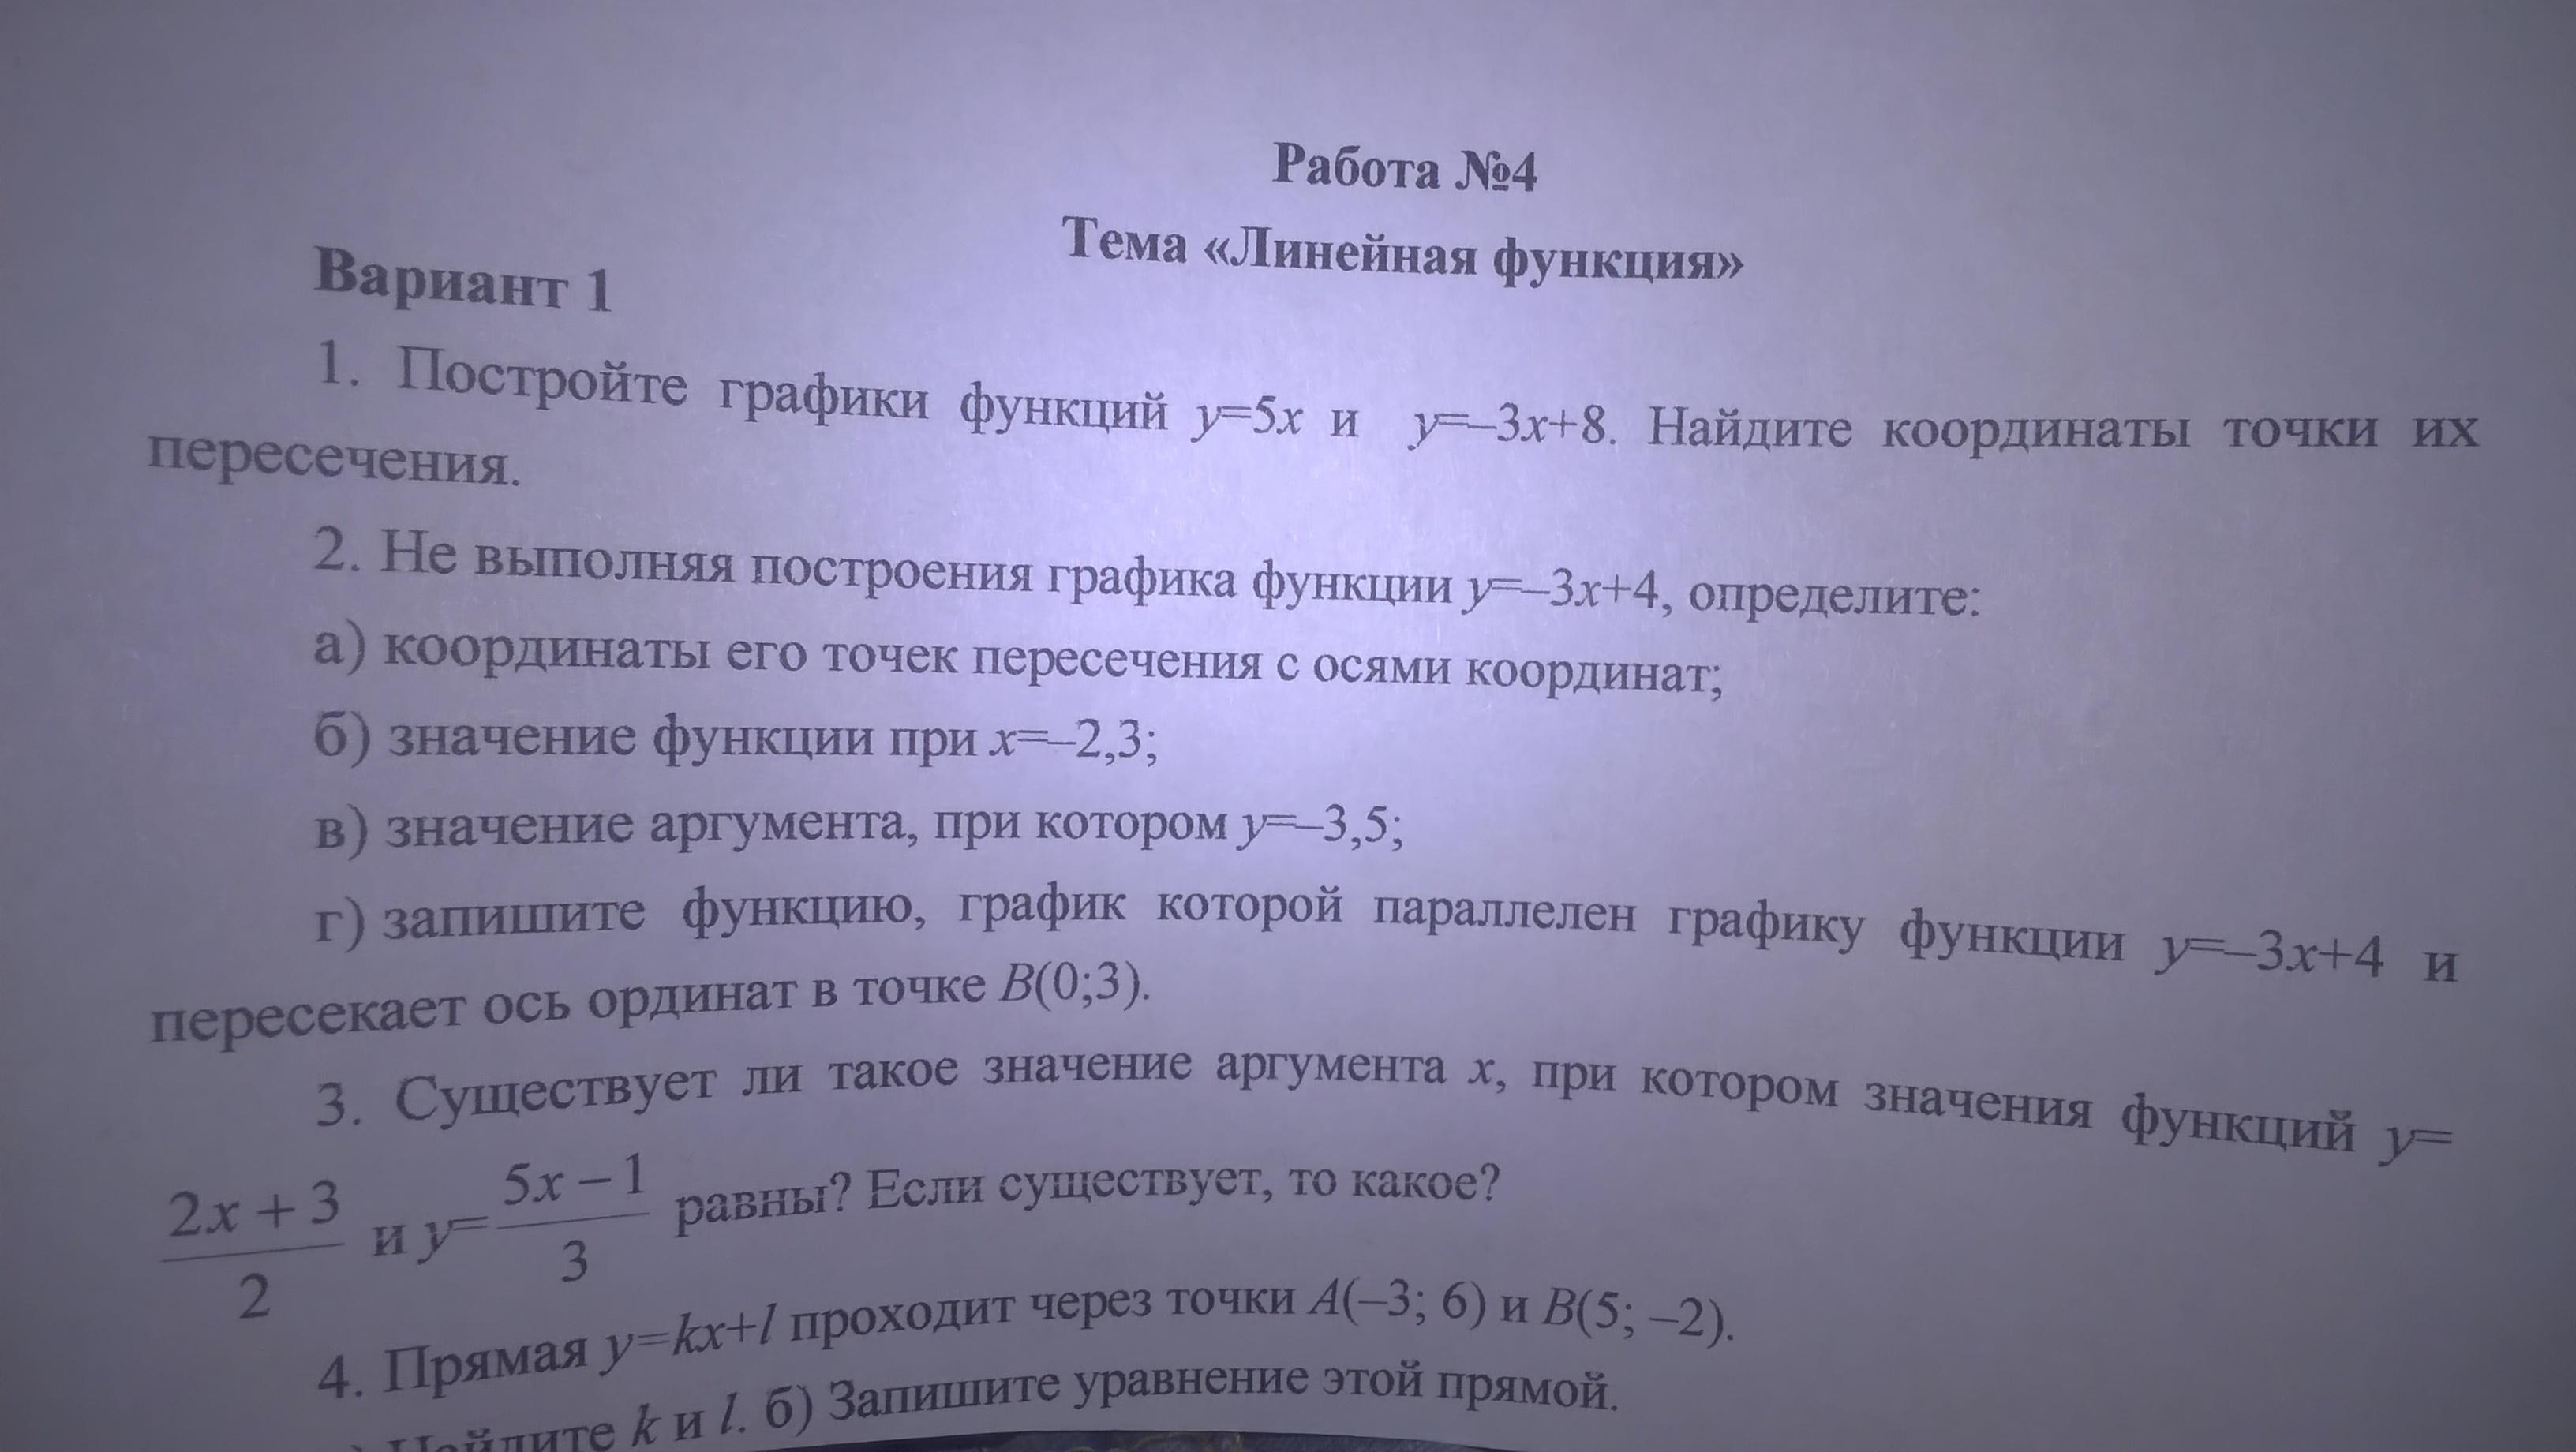 Объясните пожалуйста как решается 3 номер?